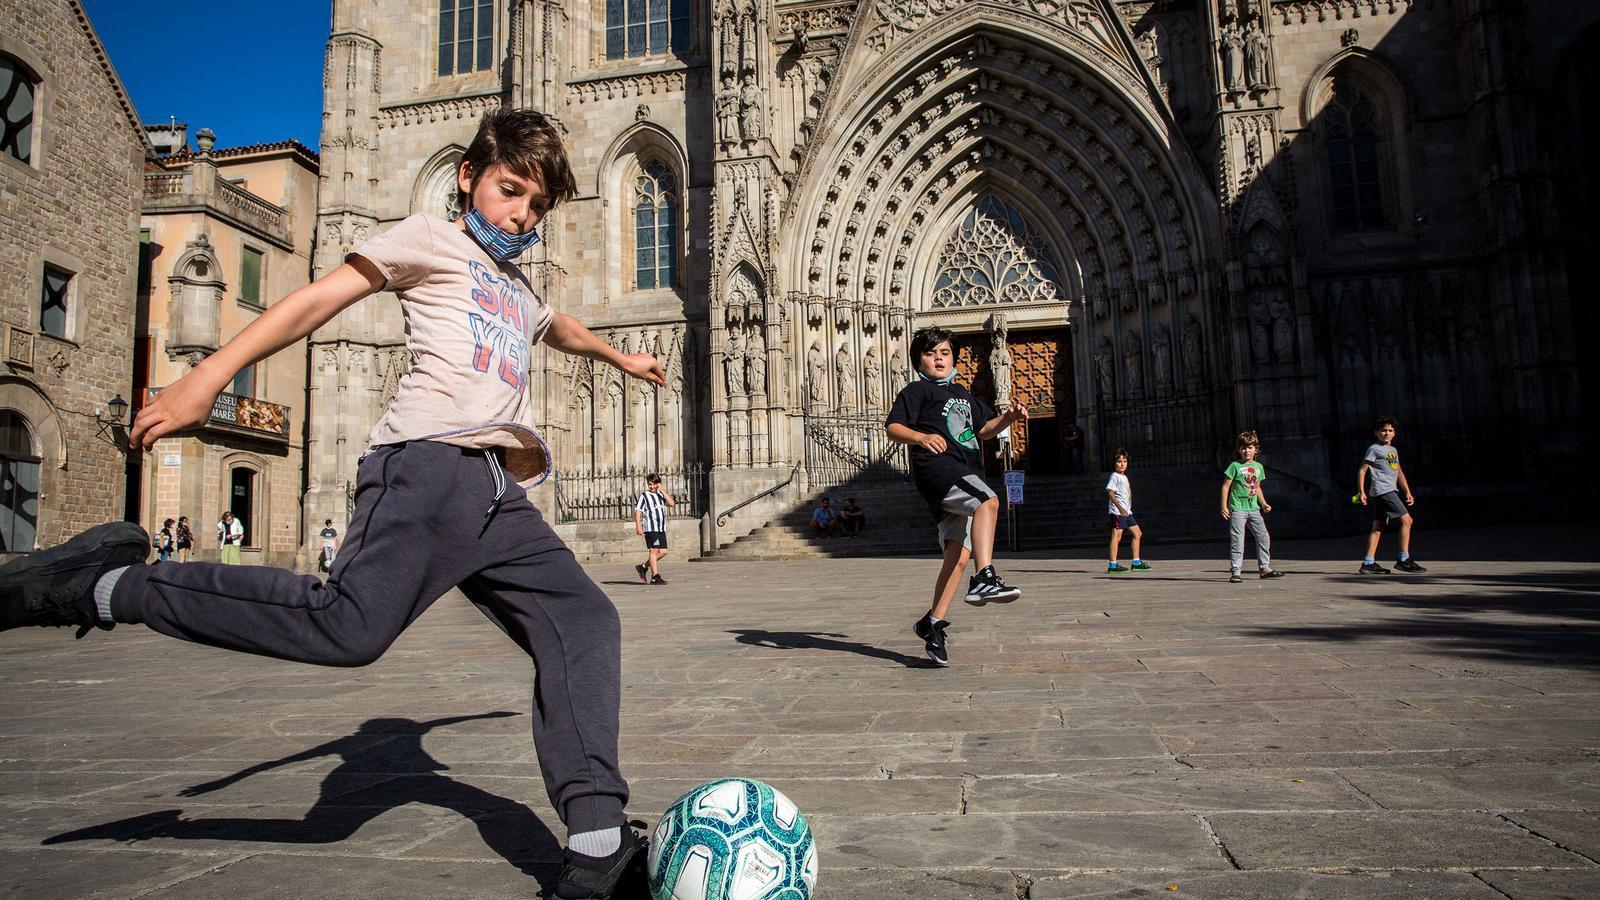 Un partit de futbol al Pla de la Seu, davant la catedral de Barcelona